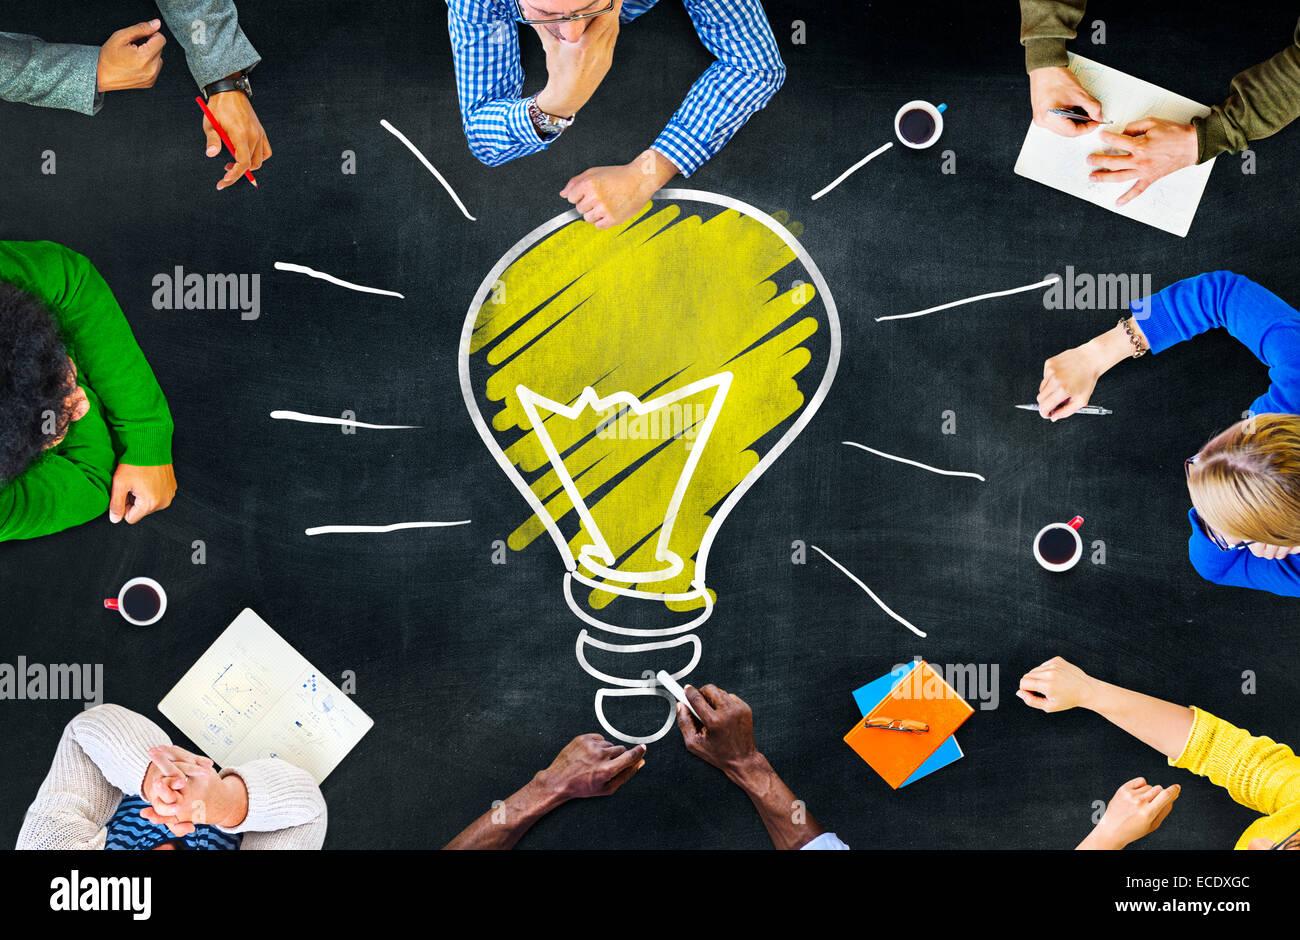 Idee pensieri Knowledge Intelligence pensieri di apprendimento Concetto di riunione Immagini Stock